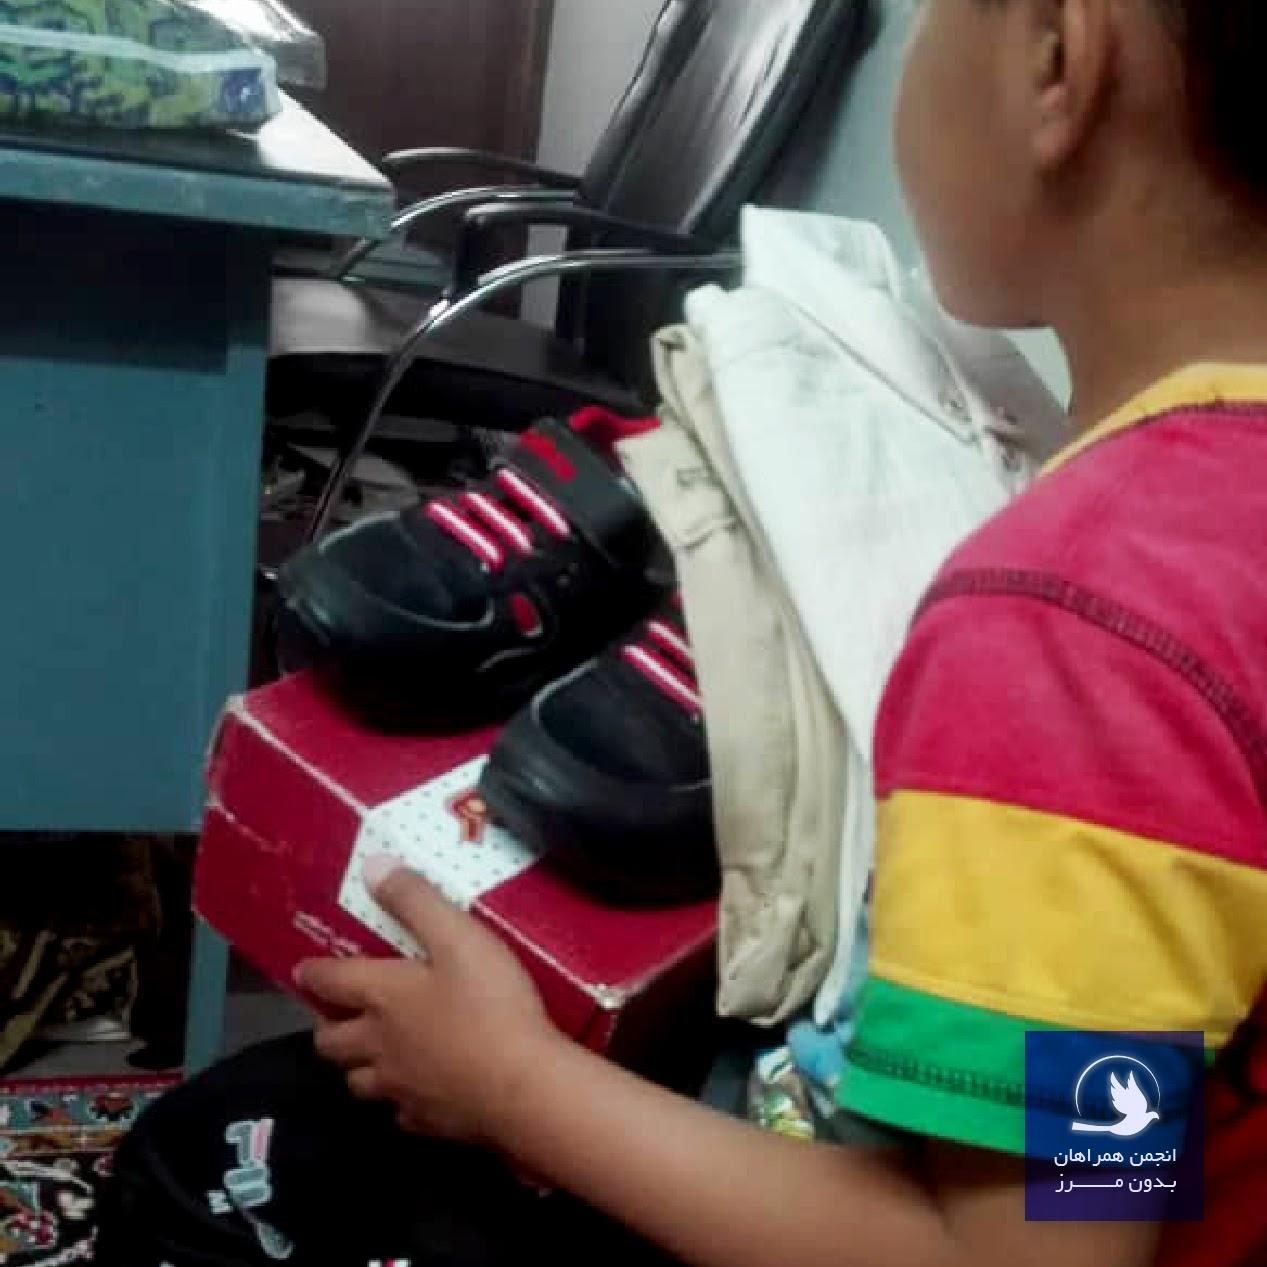 طرح خرید البسه نو برای کودکان کمبرخوردار